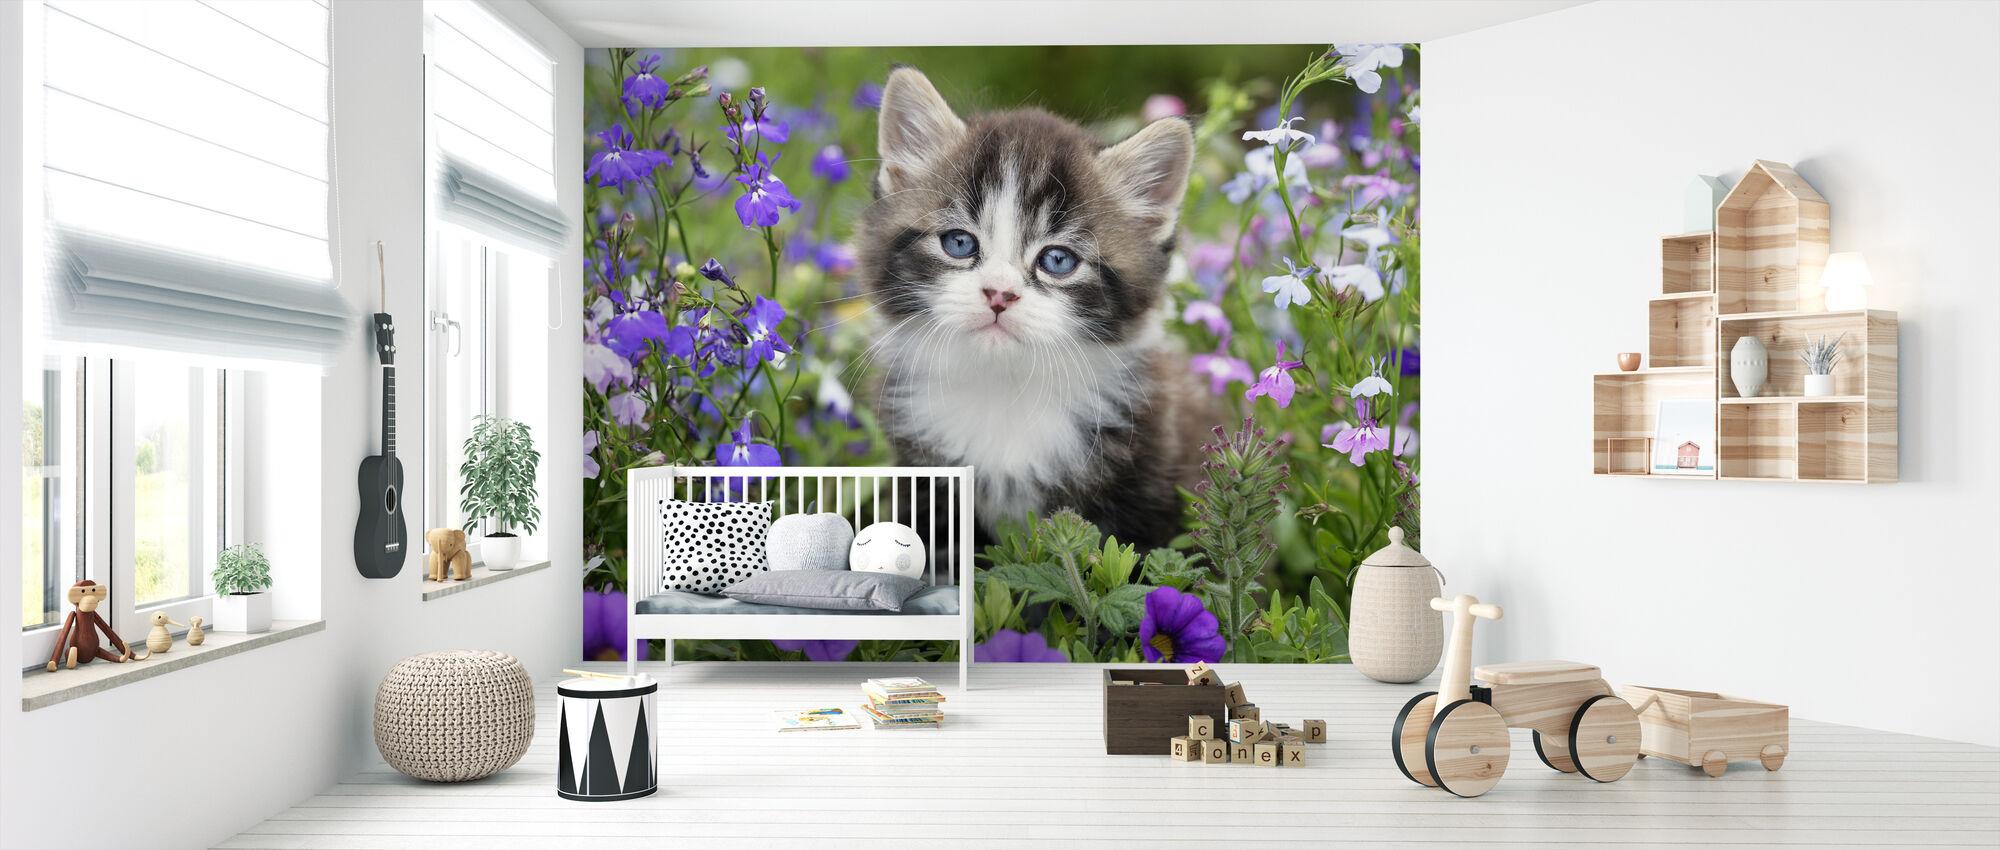 Kitten in Flower Garden - Wallpaper - Nursery